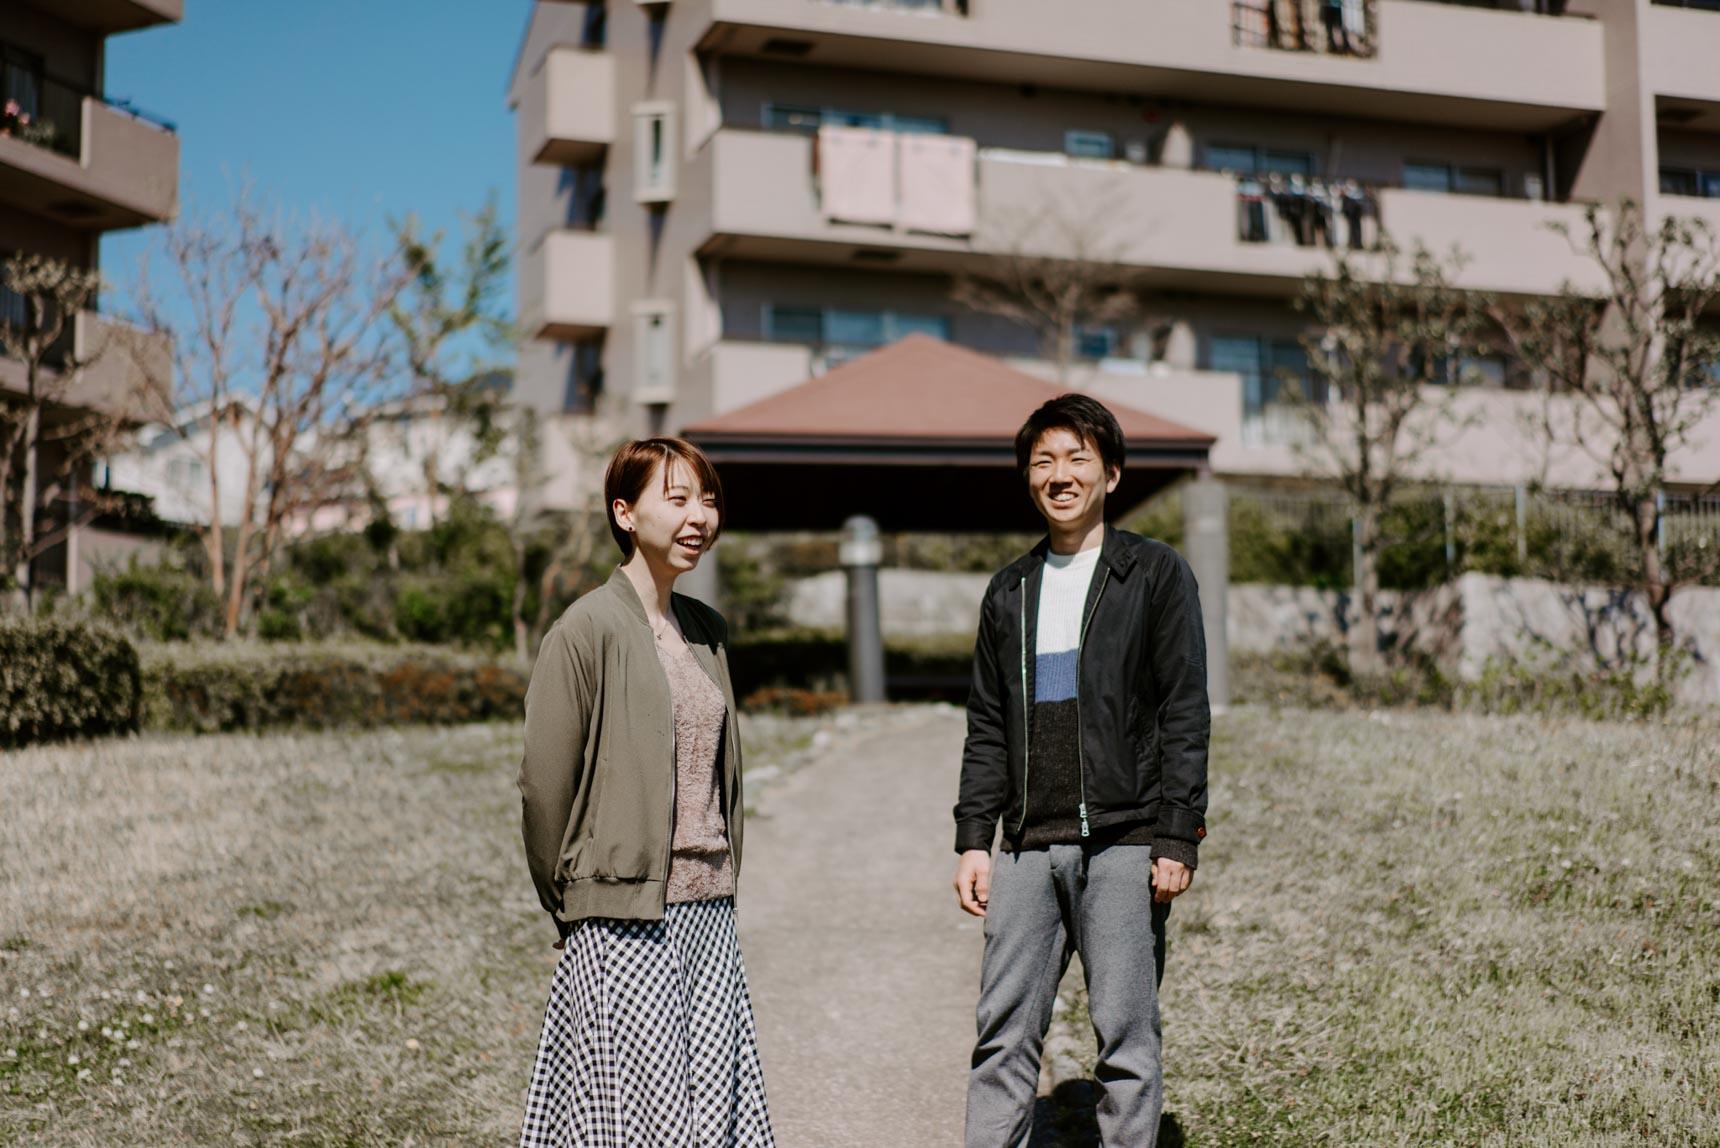 お話を聞かせてくれたのは、陽果(はるか)さん(写真左)と佳輝(よしき)さん(写真右)のカップル。この春、大阪から関東へとお引越ししてきました。